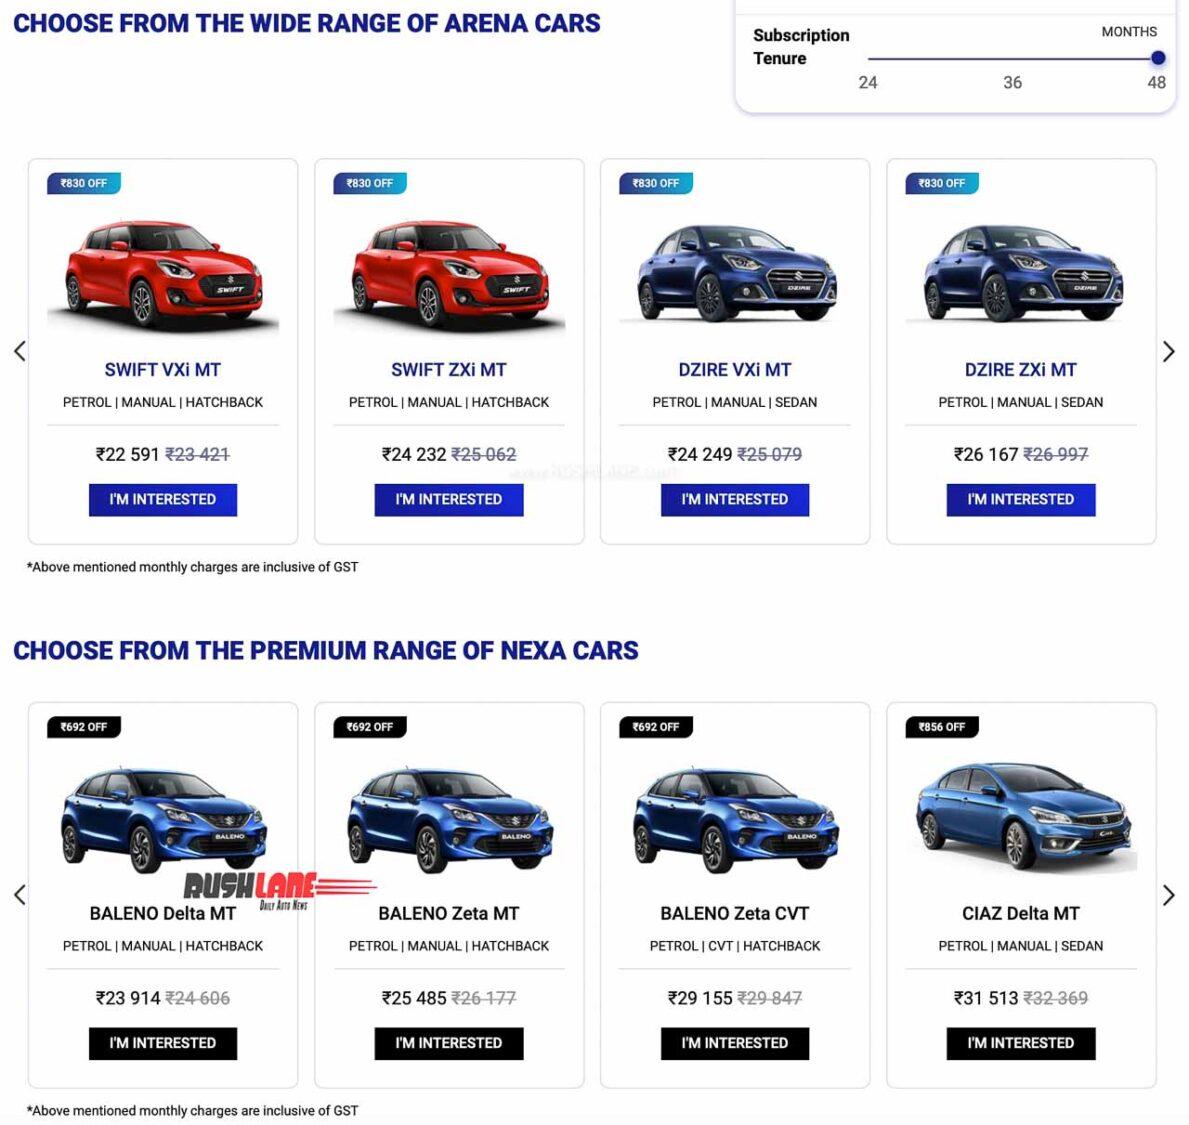 Maruti Cars Subscribe